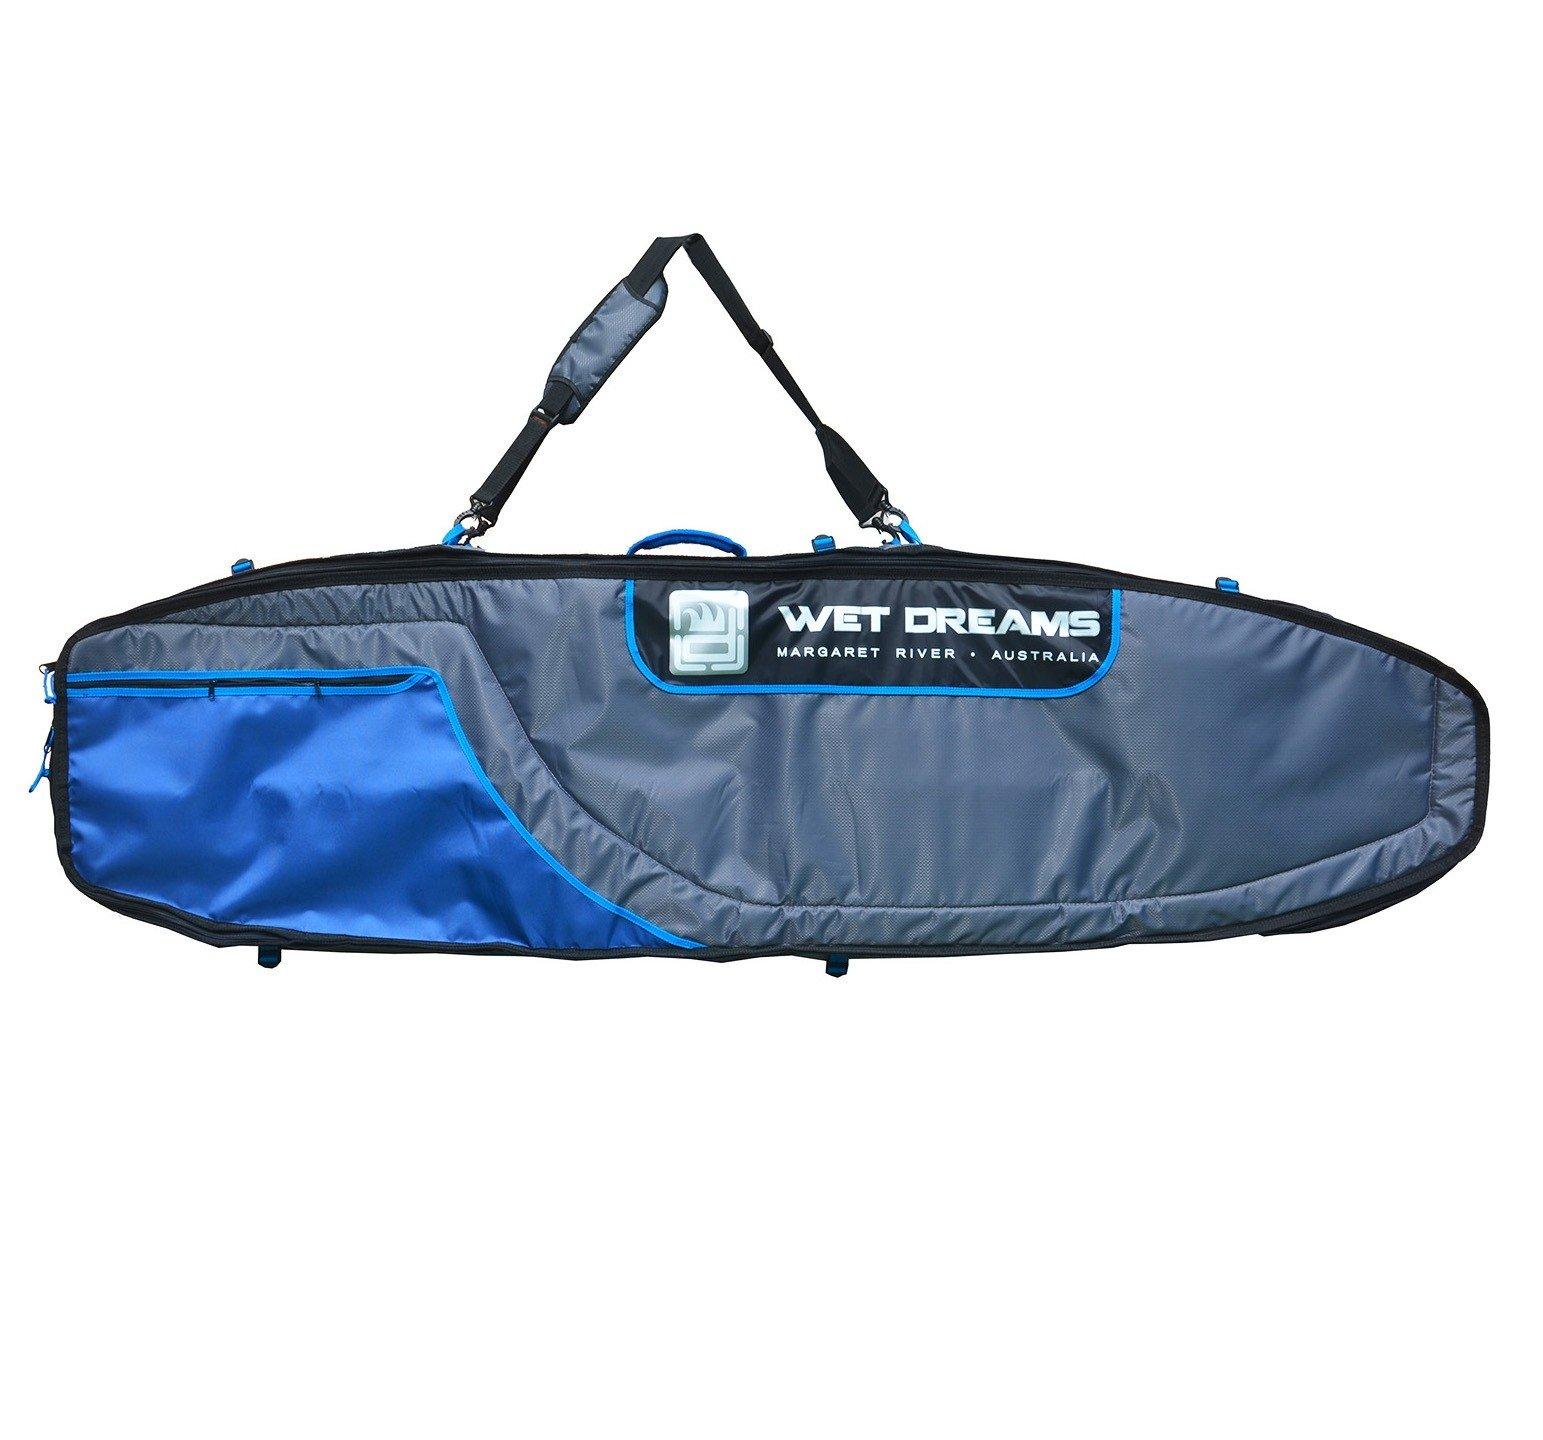 Sarcófago para 5 pranchas de Surf 7'0'' - 2,13m - Wet Dreams | Prancharia